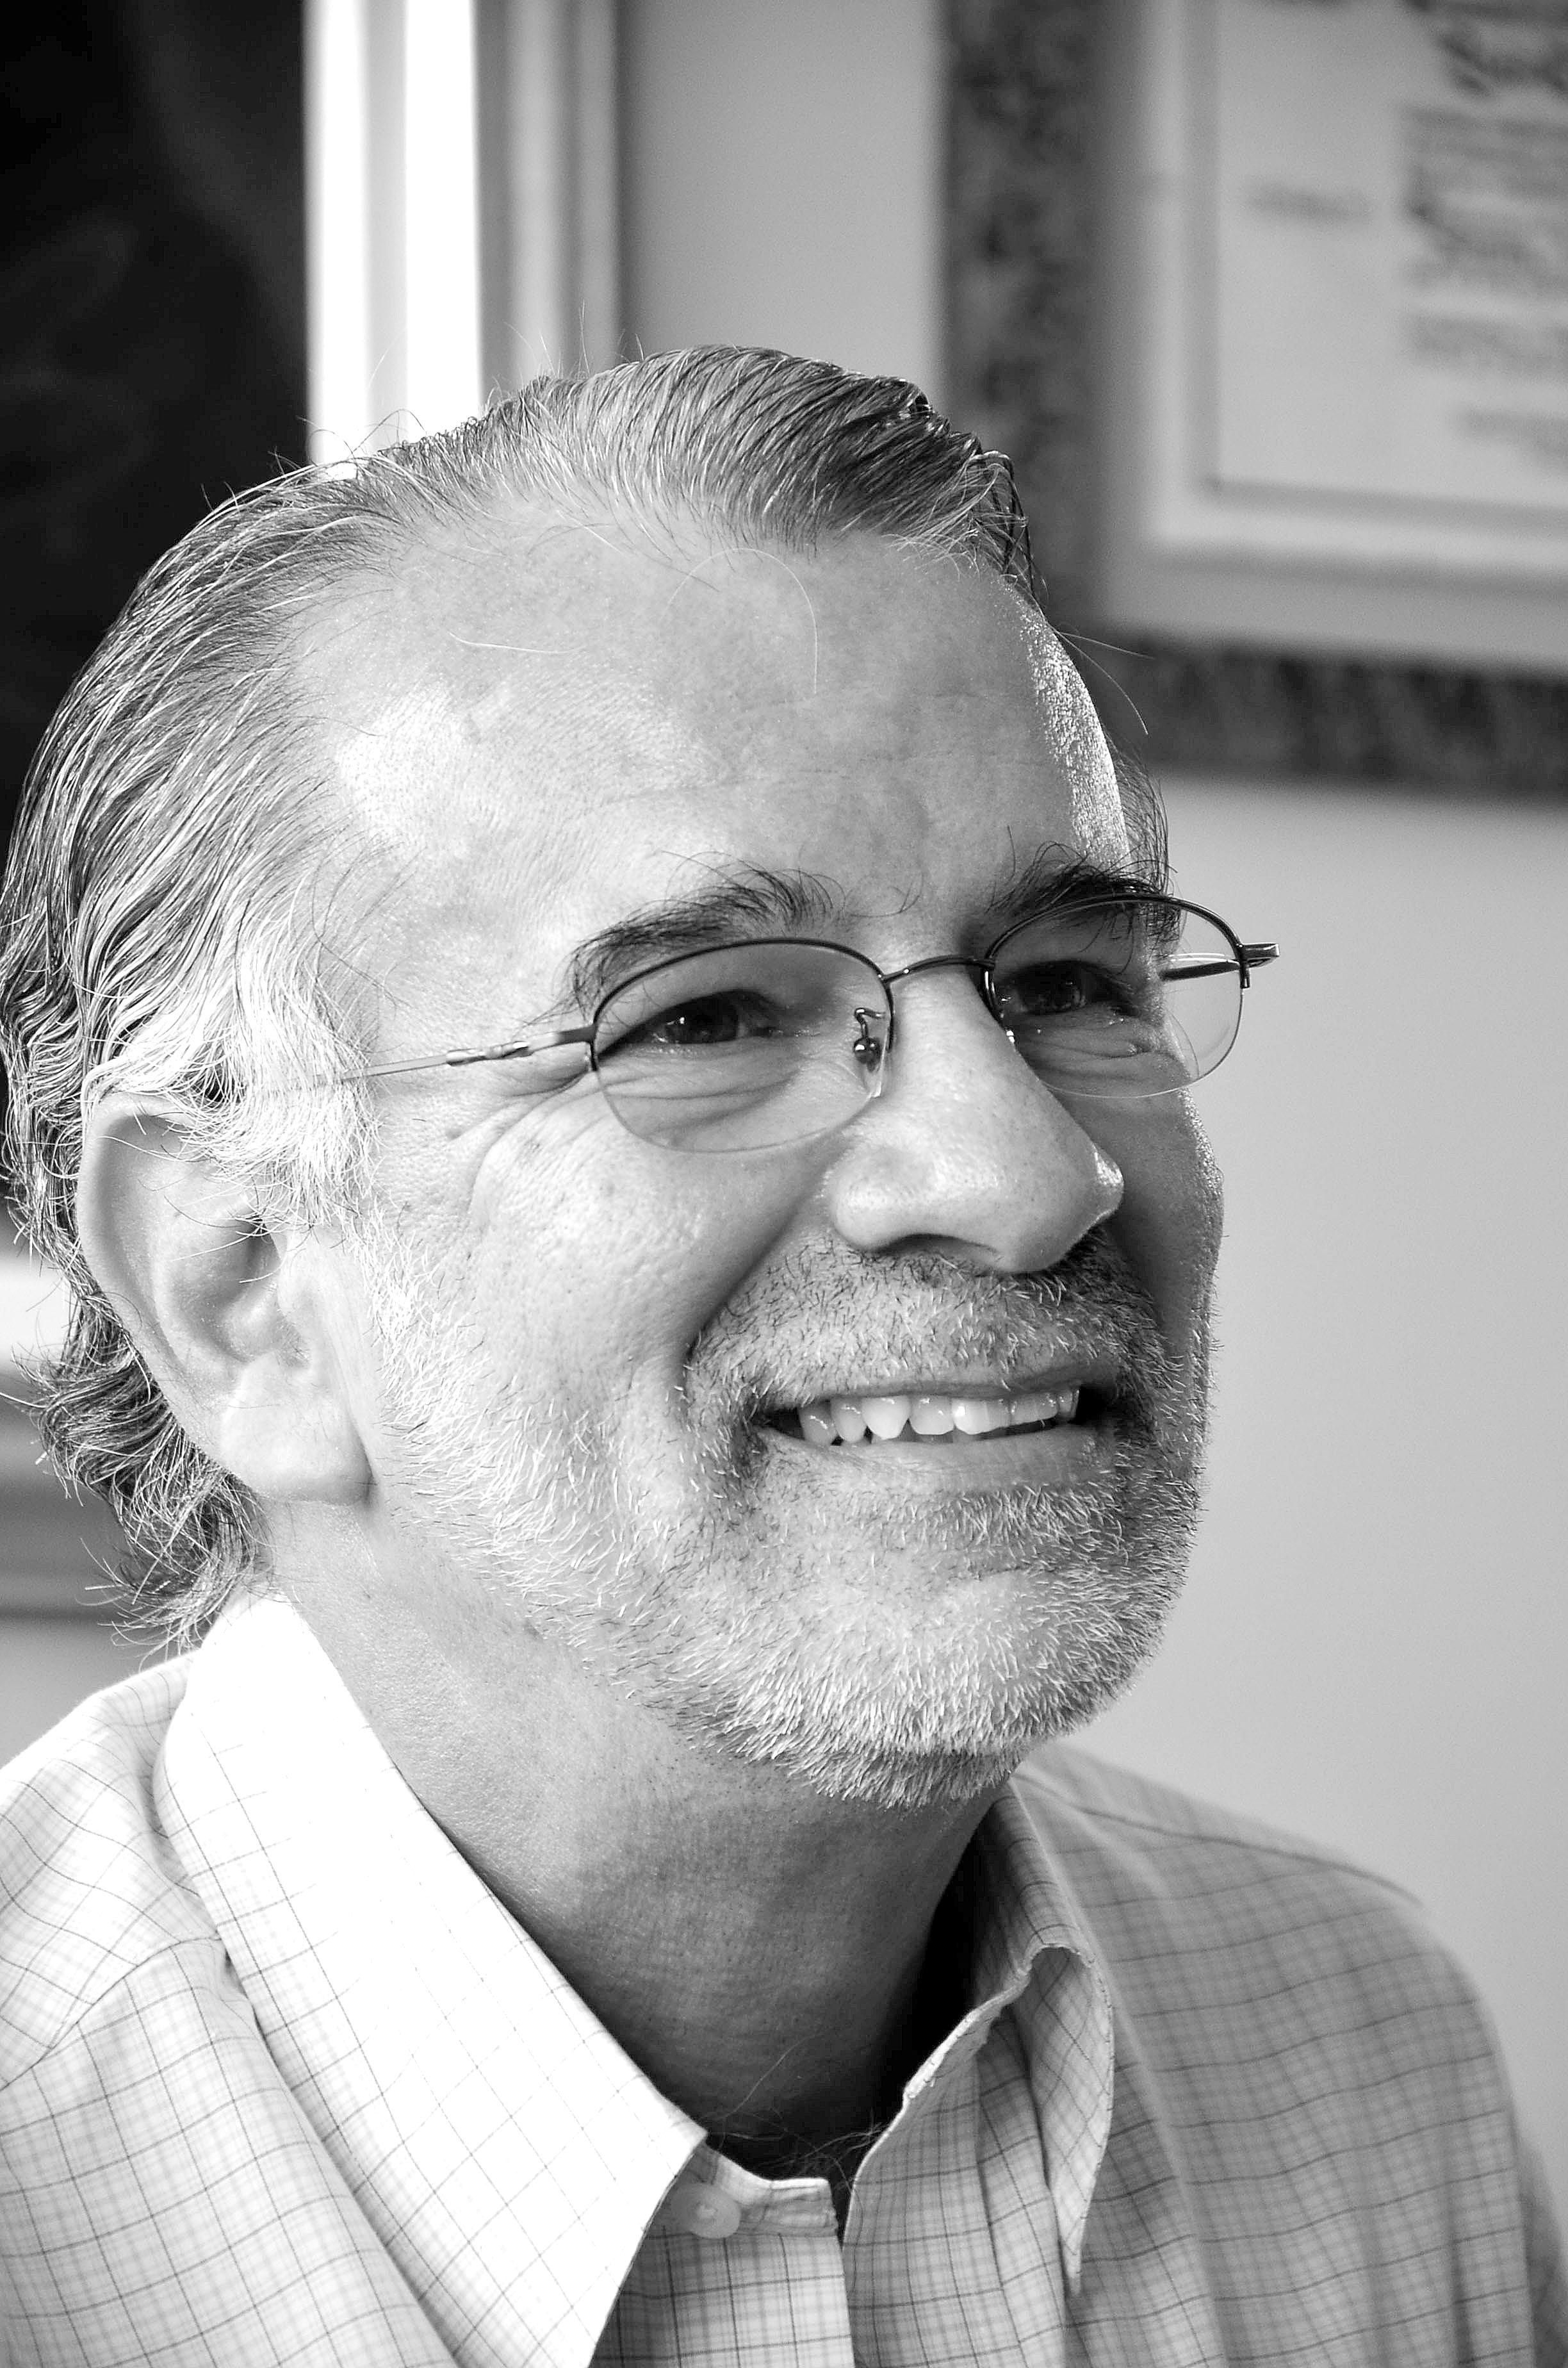 Levi y líderes sociales Por: Eduardo Verano de la Rosa | EL FRENTE